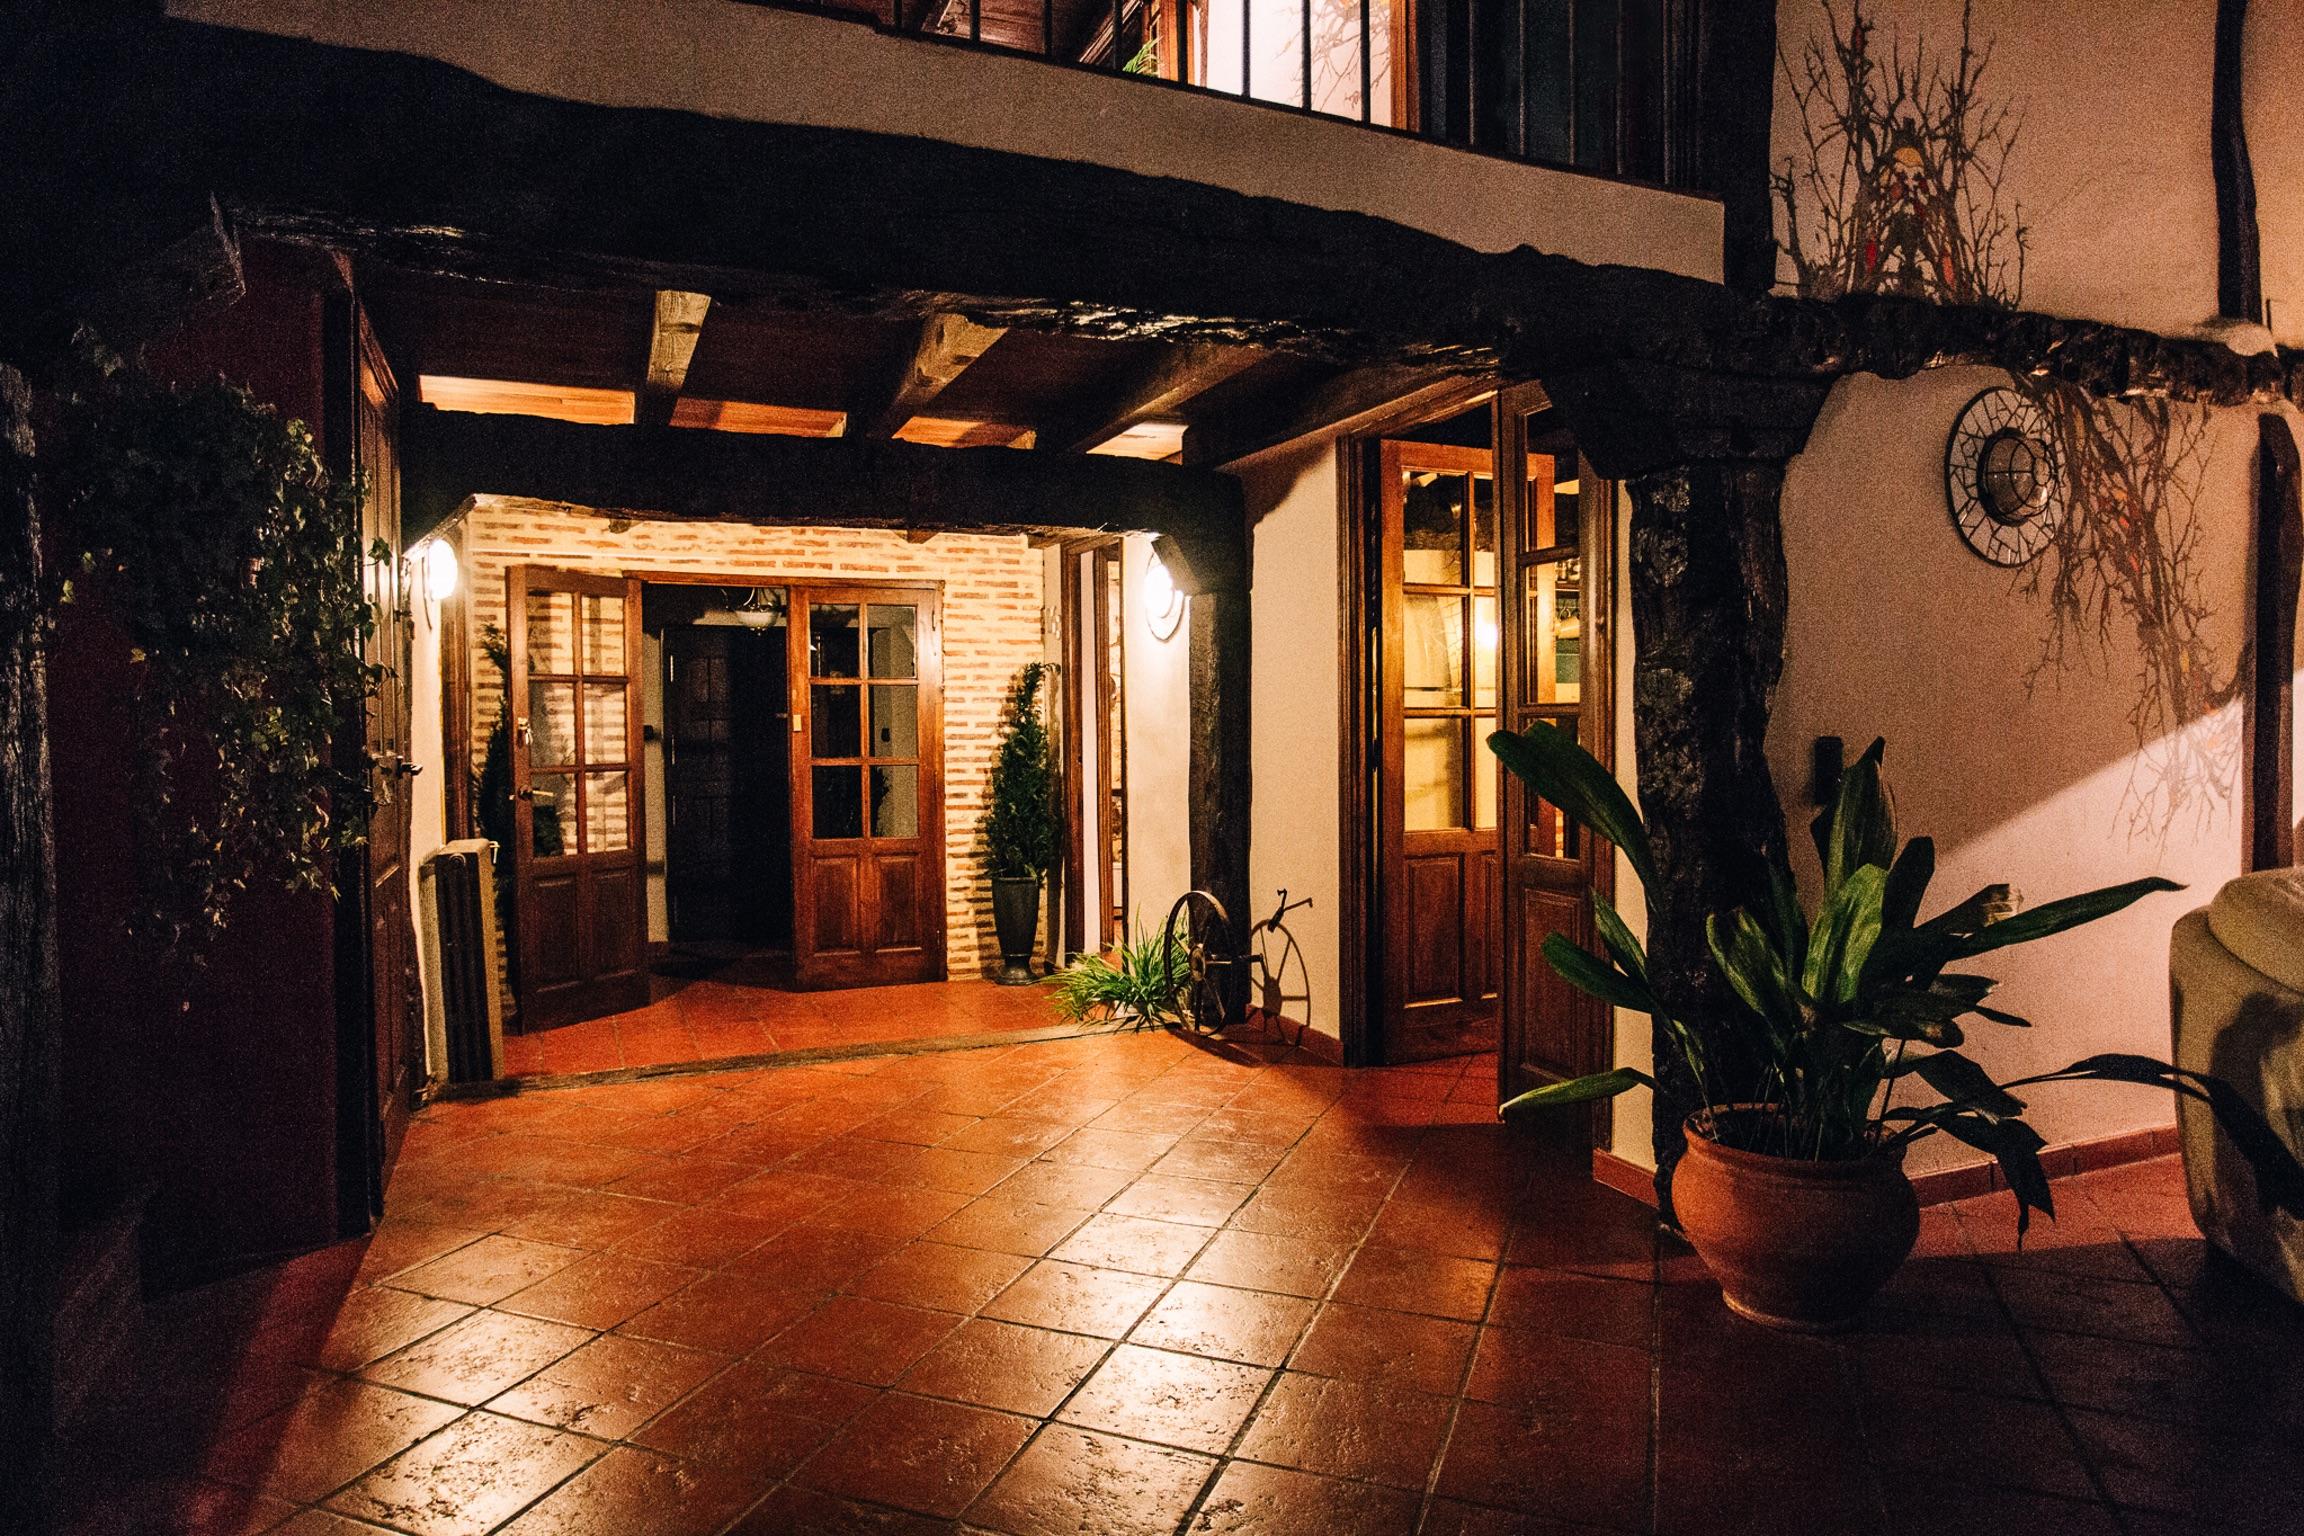 Ferienhaus Haus mit 5 Zimmern in Fuenteodra mit toller Aussicht auf die Berge, eingezäuntem Garten un (2211142), Fuenteodra, Burgos, Kastilien-León, Spanien, Bild 39